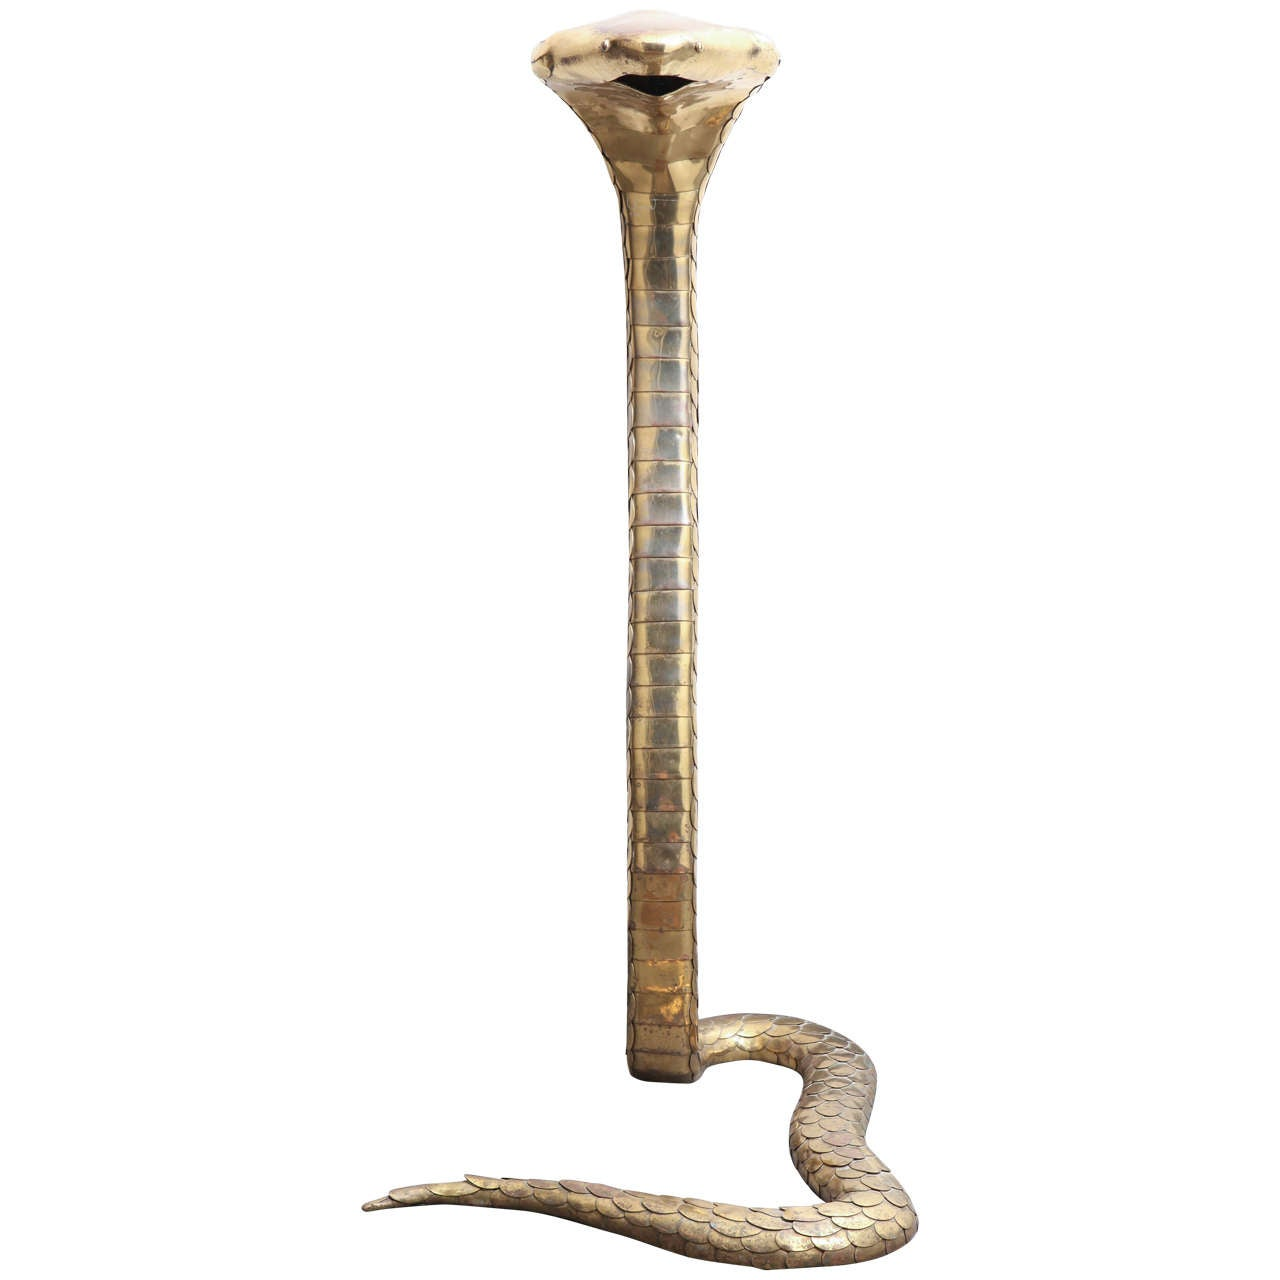 Rare 1970s Brass Cobra Sculpture Lamp by Alain Chervet